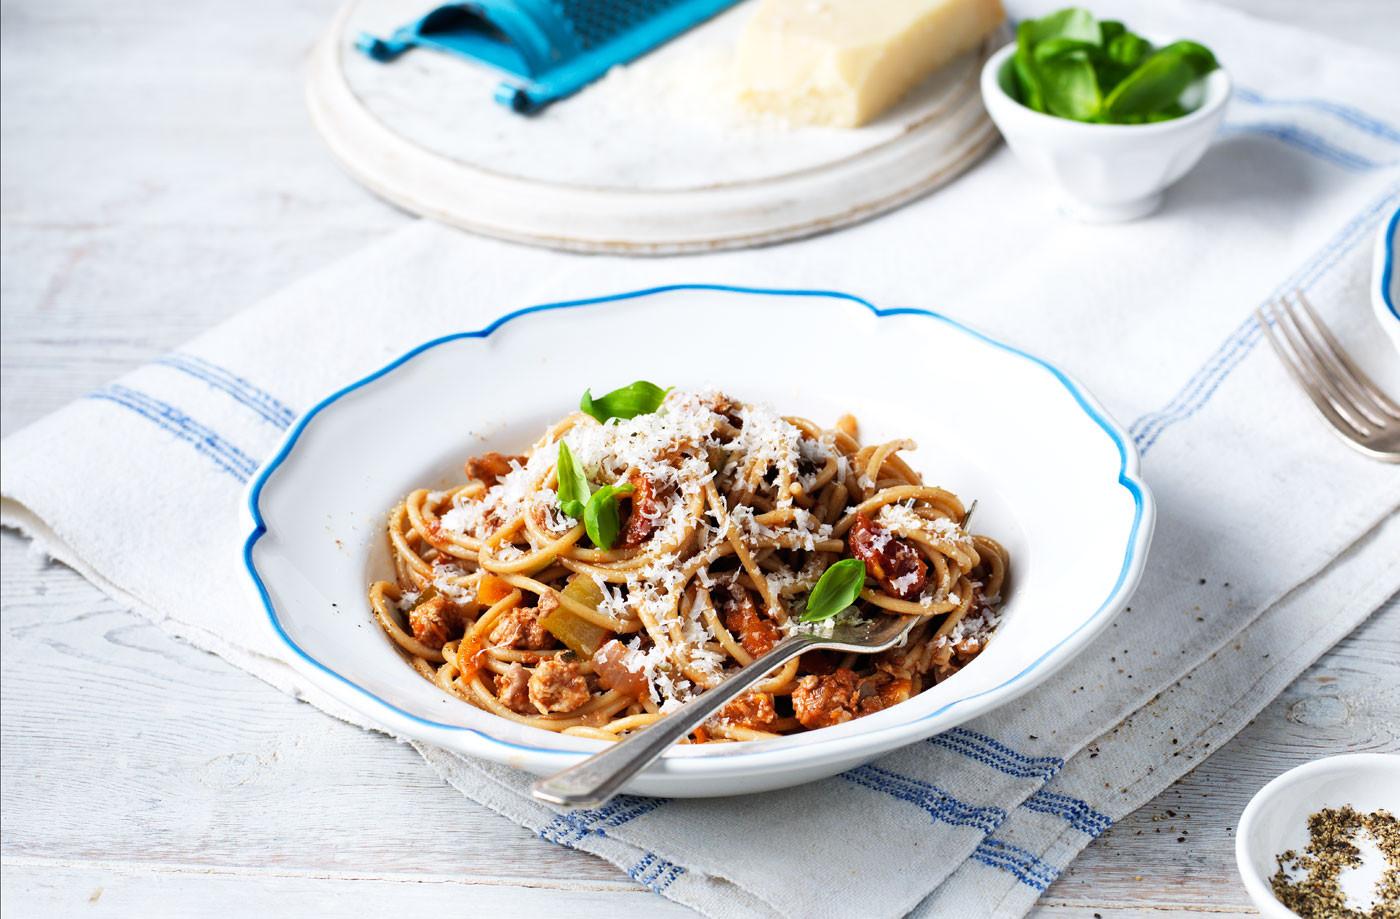 Healthy Spaghetti Recipes  Healthy Spaghetti Bolognese Recipe